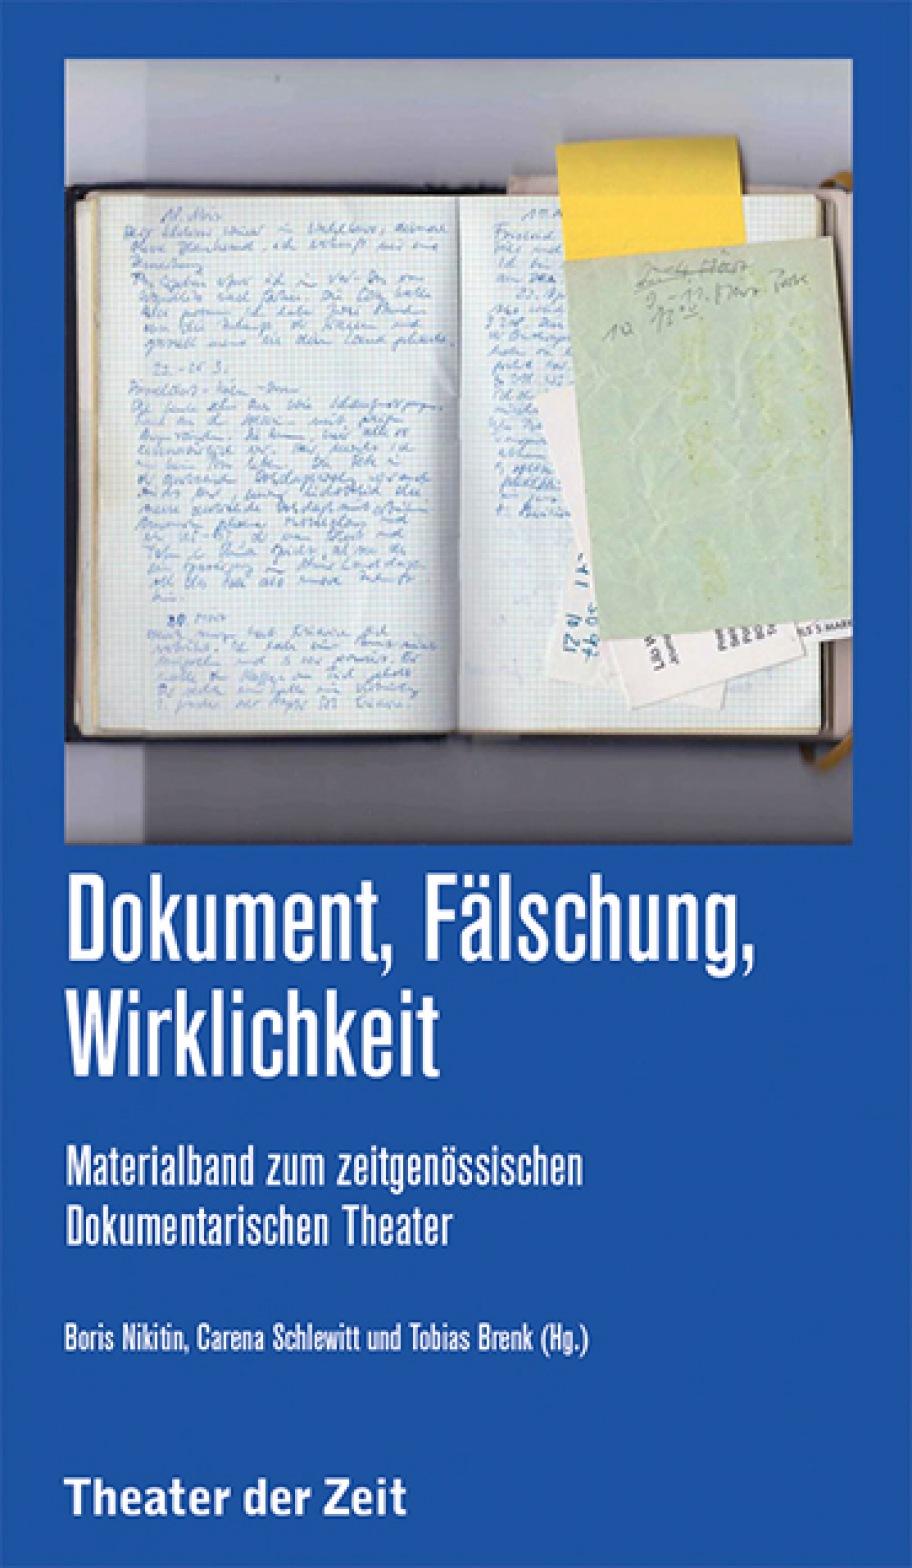 Dokument, Fälschung, Wirklichkeit